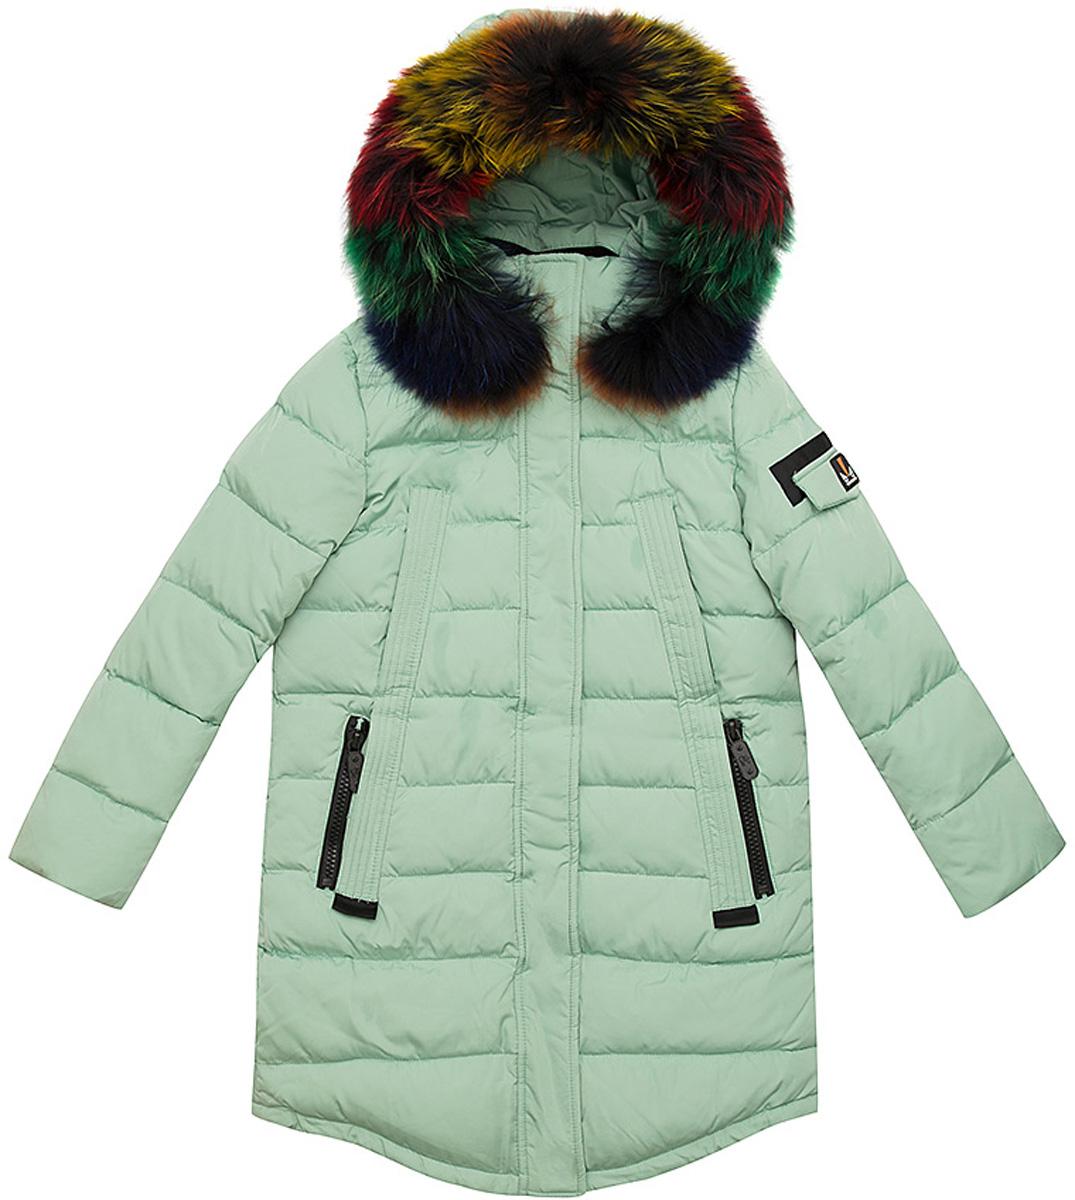 Куртка для девочки Vitacci, цвет: зеленый. 2171457-06. Размер 1402171457-06Удлиненная куртка для девочки Vitacci, изготовленная из полиэстера, станет стильнымдополнением к детскому гардеробу.Подкладка выполнена из полиэстера и дополнительно утеплена флисом по спинке. В качестве утеплителя используется биопух.Модель застегивается на пластиковую застежку-молнию. Имеет ветрозащитную планку и съемный капюшон с отделкой из натурального разноцветного меха.Температурный режим от -10 до -25 градусов.Теплая, удобная и практичная куртка идеально подойдет юной моднице для прогулок!